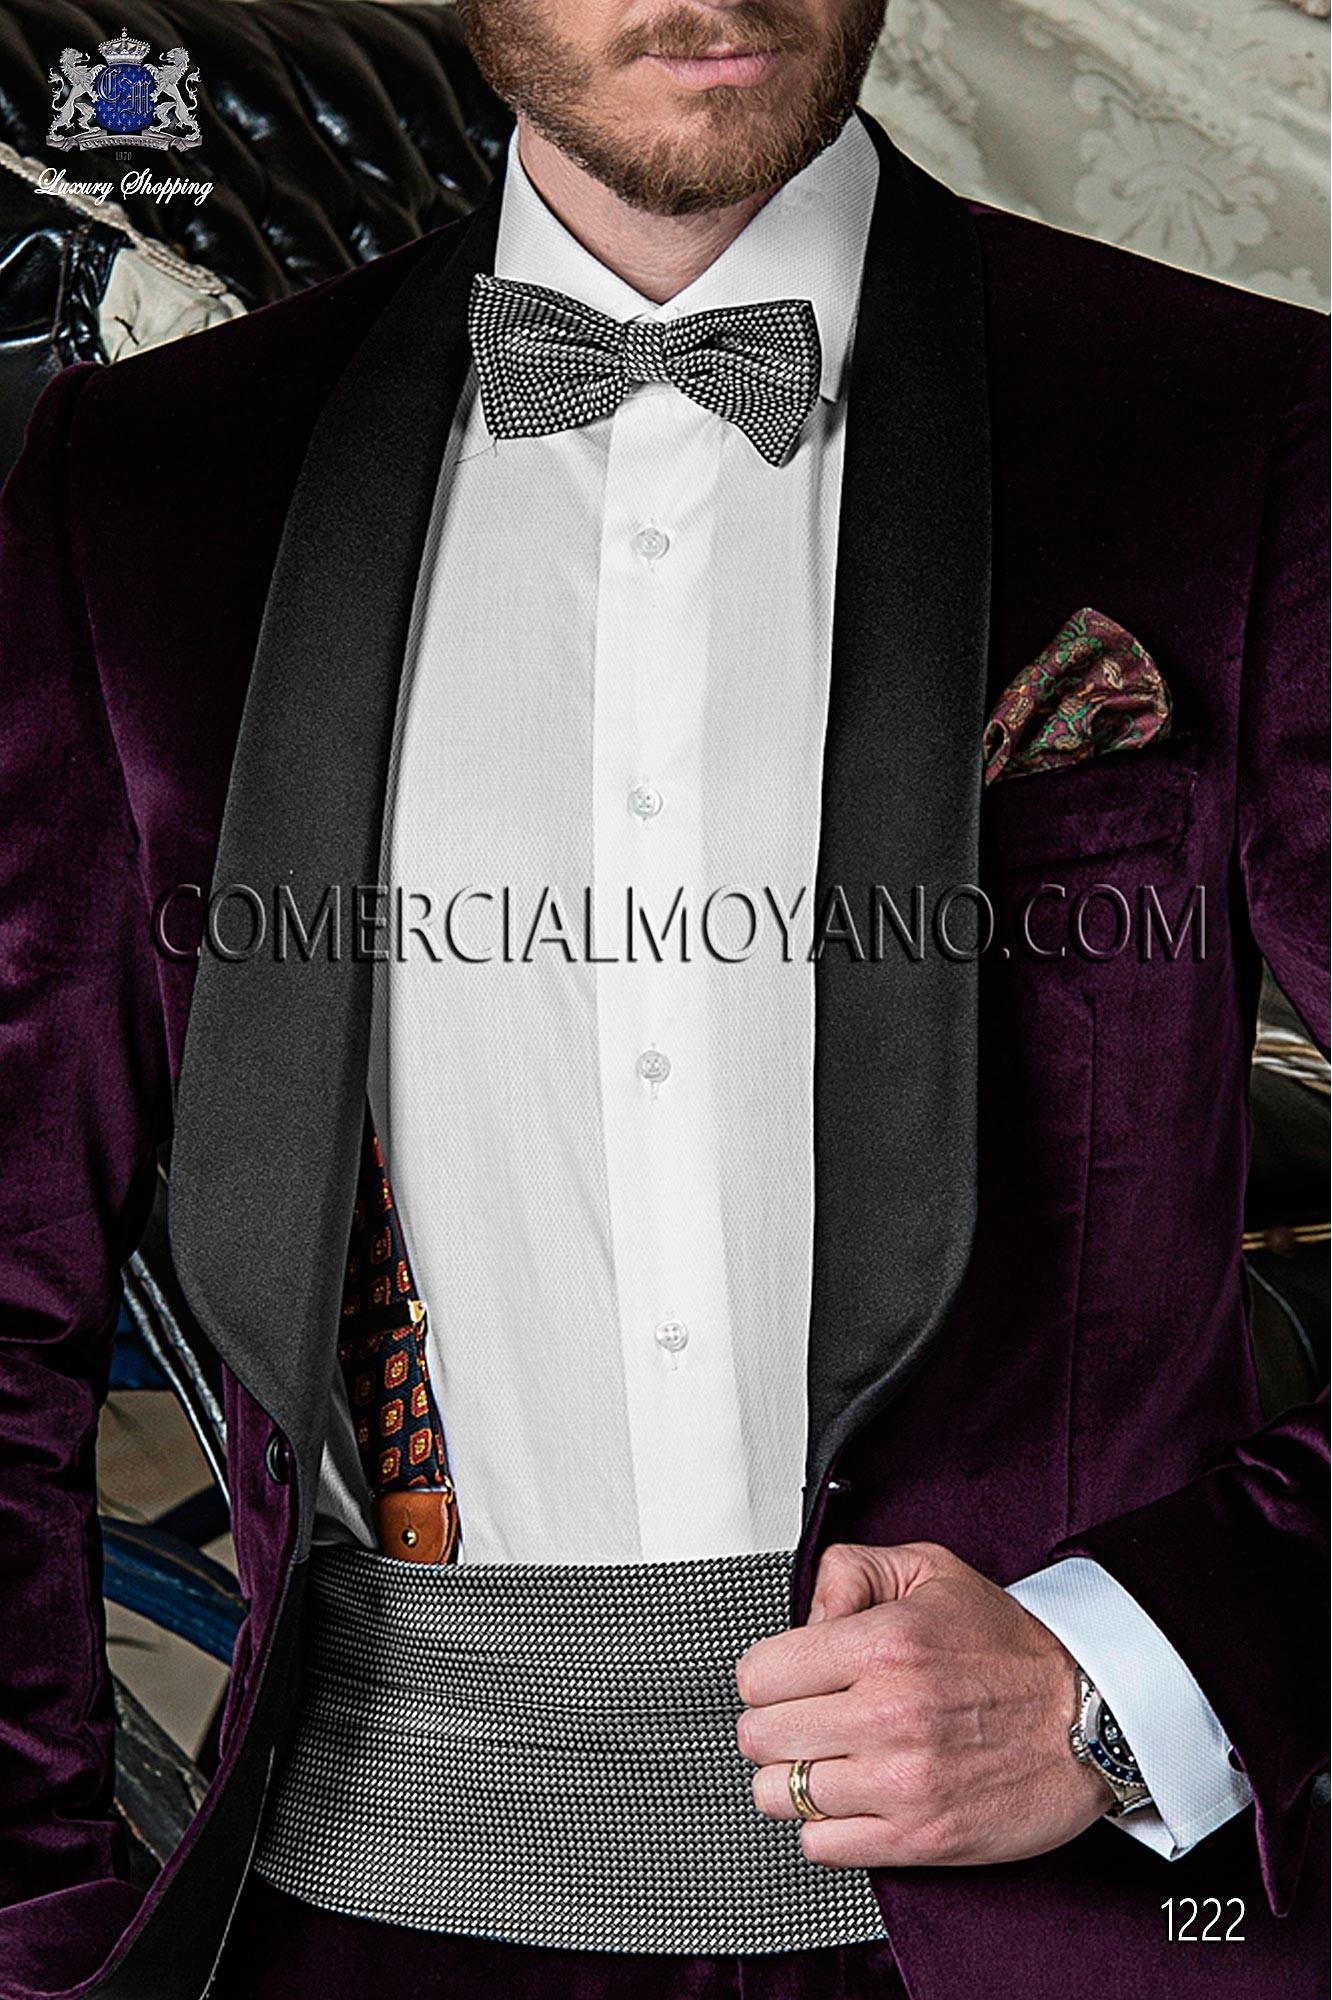 Traje BlackTie de novio morado modelo: 1222 Ottavio Nuccio Gala colección Black Tie 2017